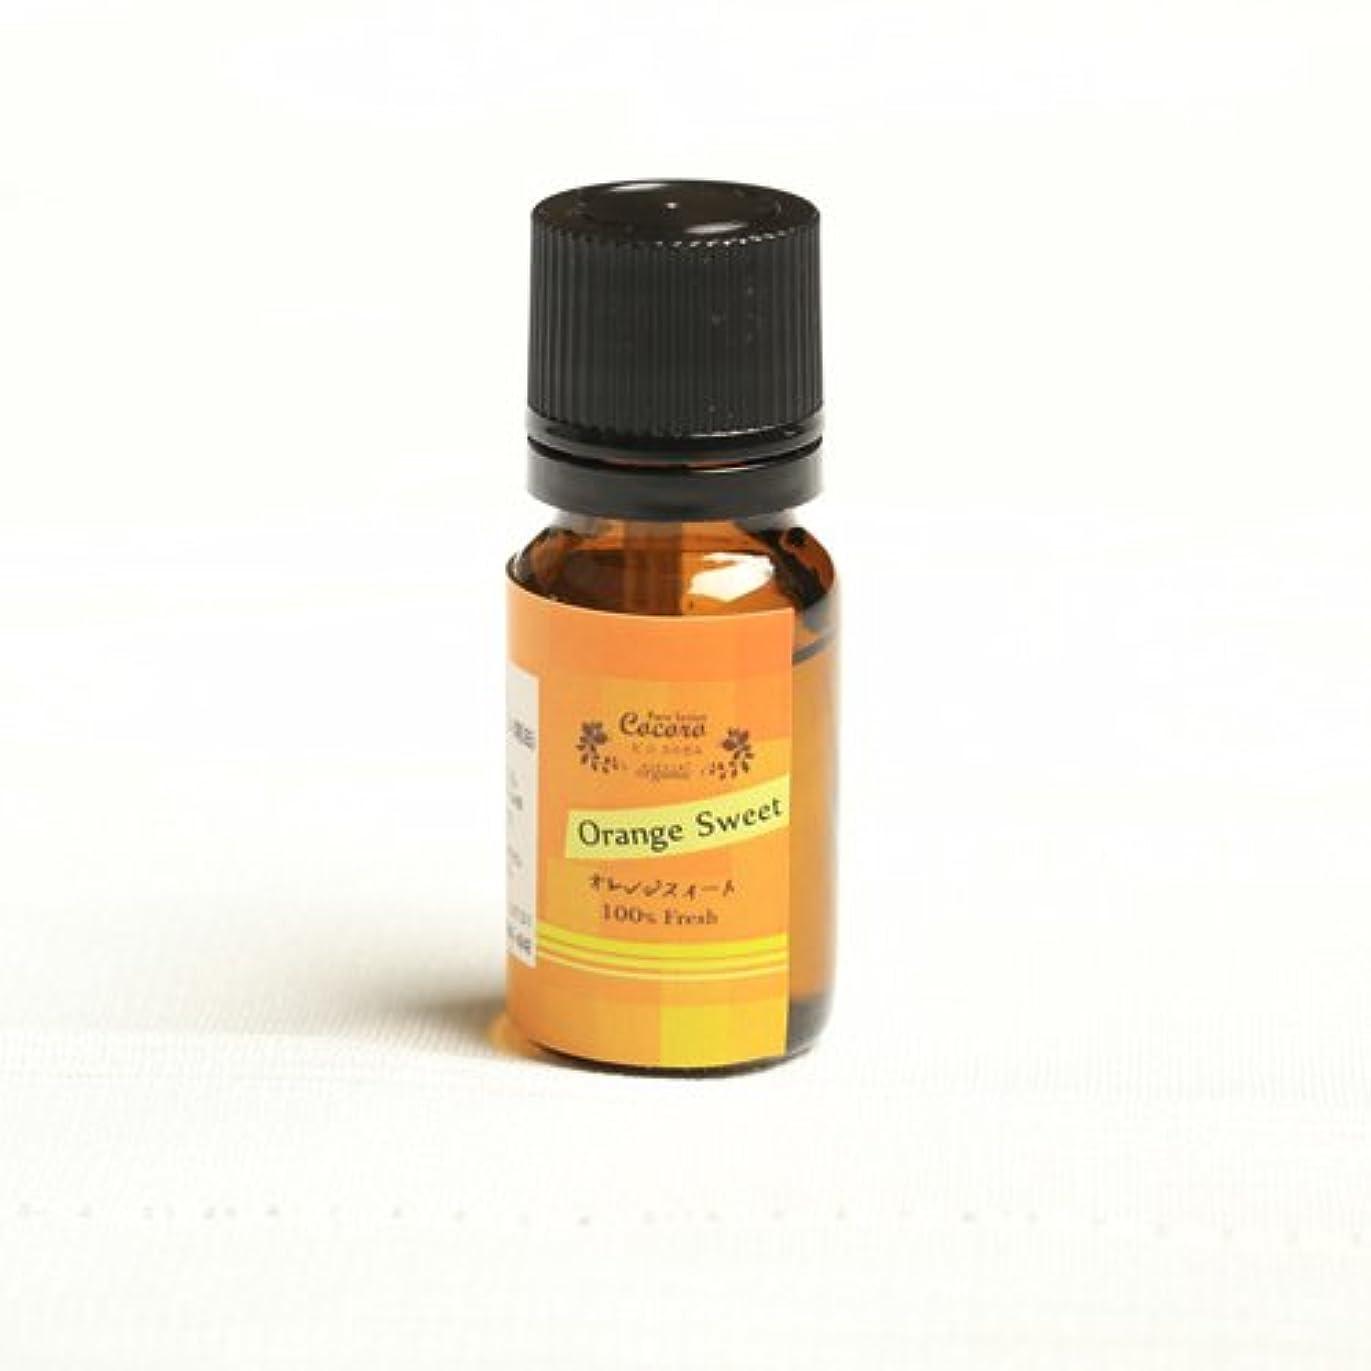 オレンジスイート精油100% 2本セット